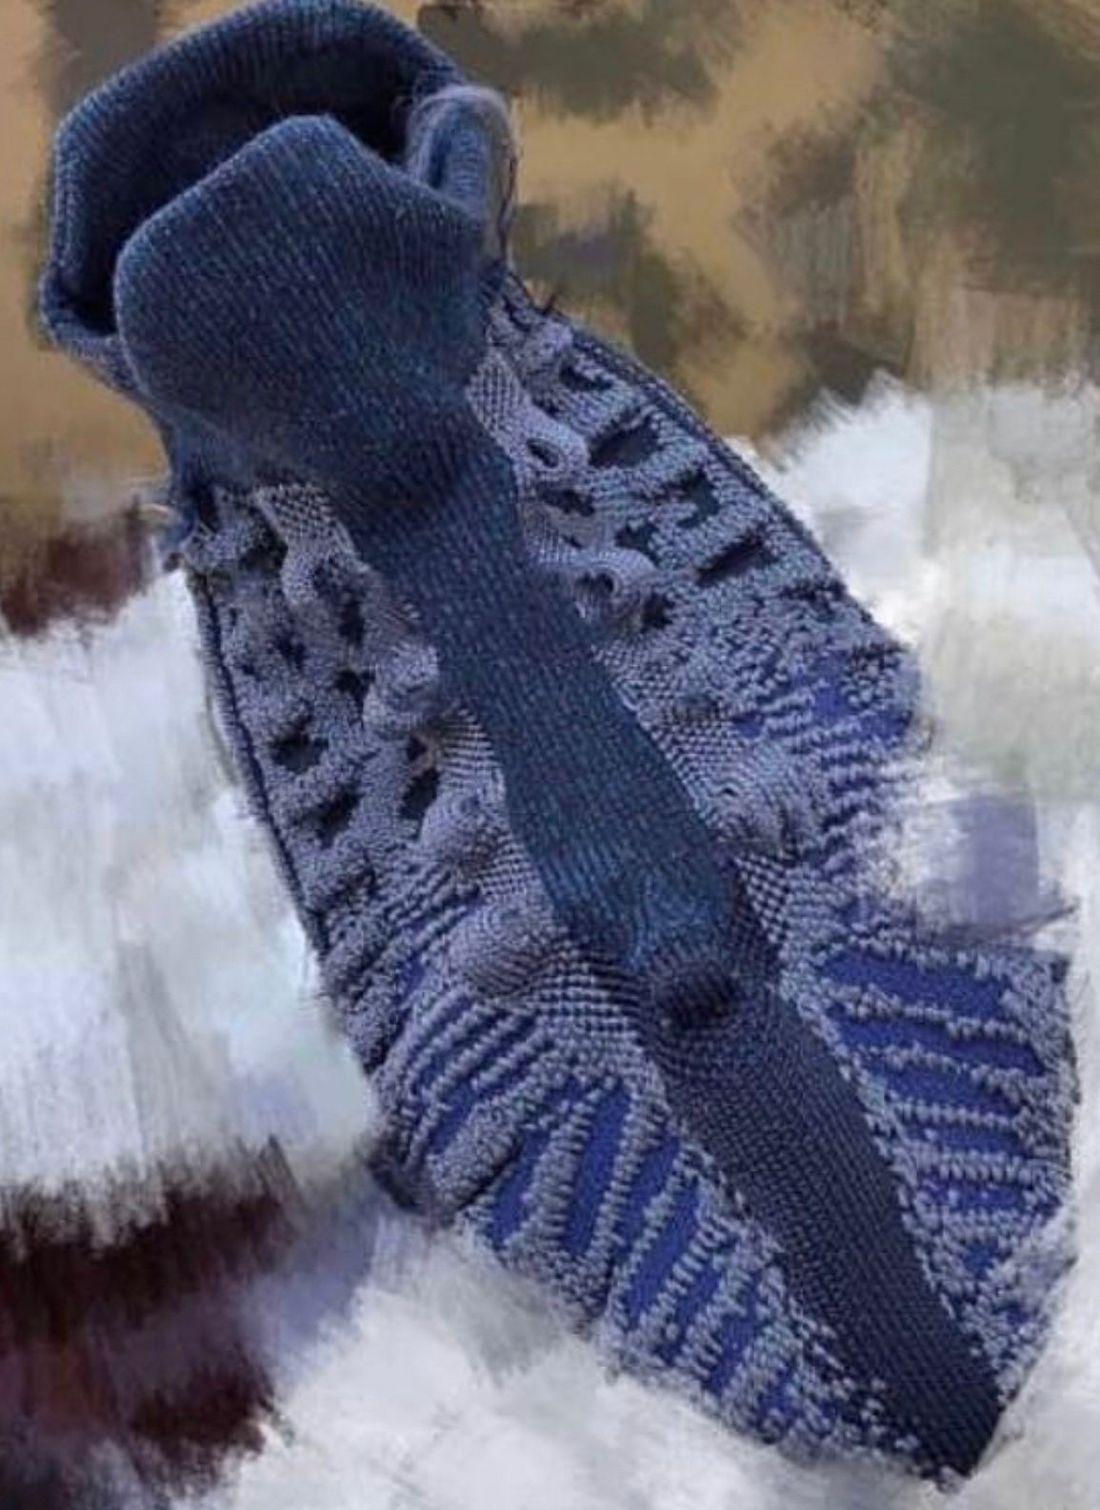 篮球鞋, Yeezy, Primeknit, Kanye West, Kanye, adidas Yeezy, Adidas